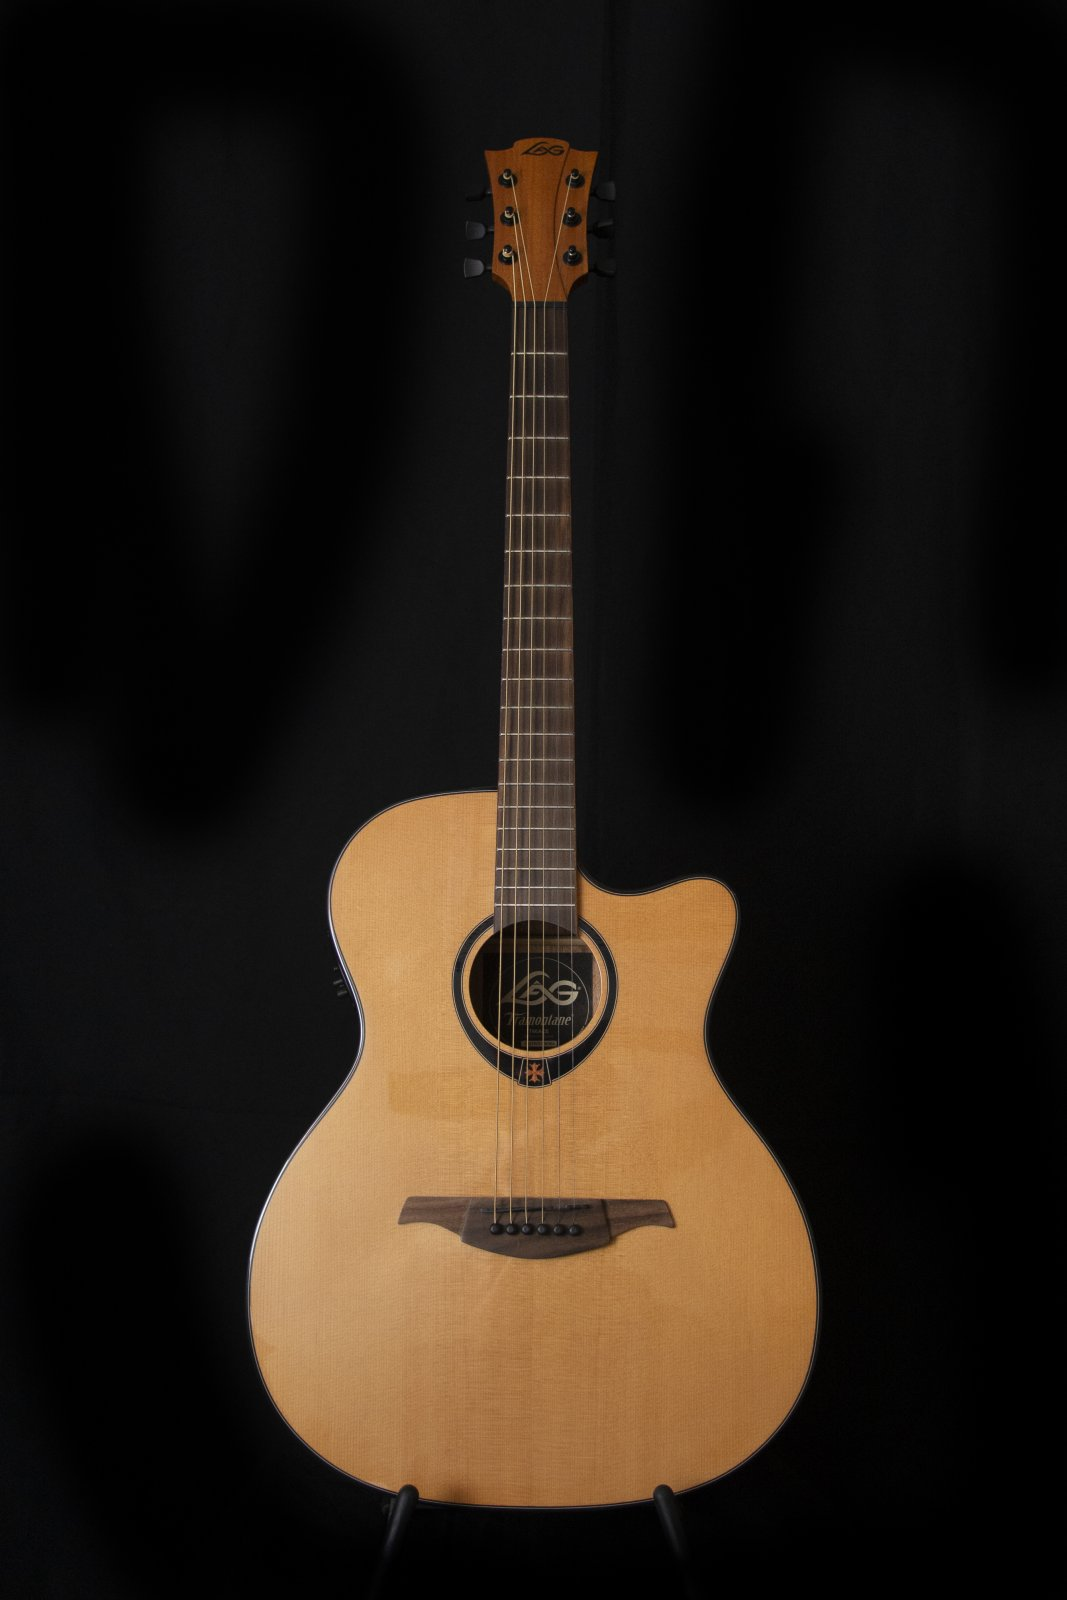 Lag Auditorium Cutaway Accoustic-Electric Guitar